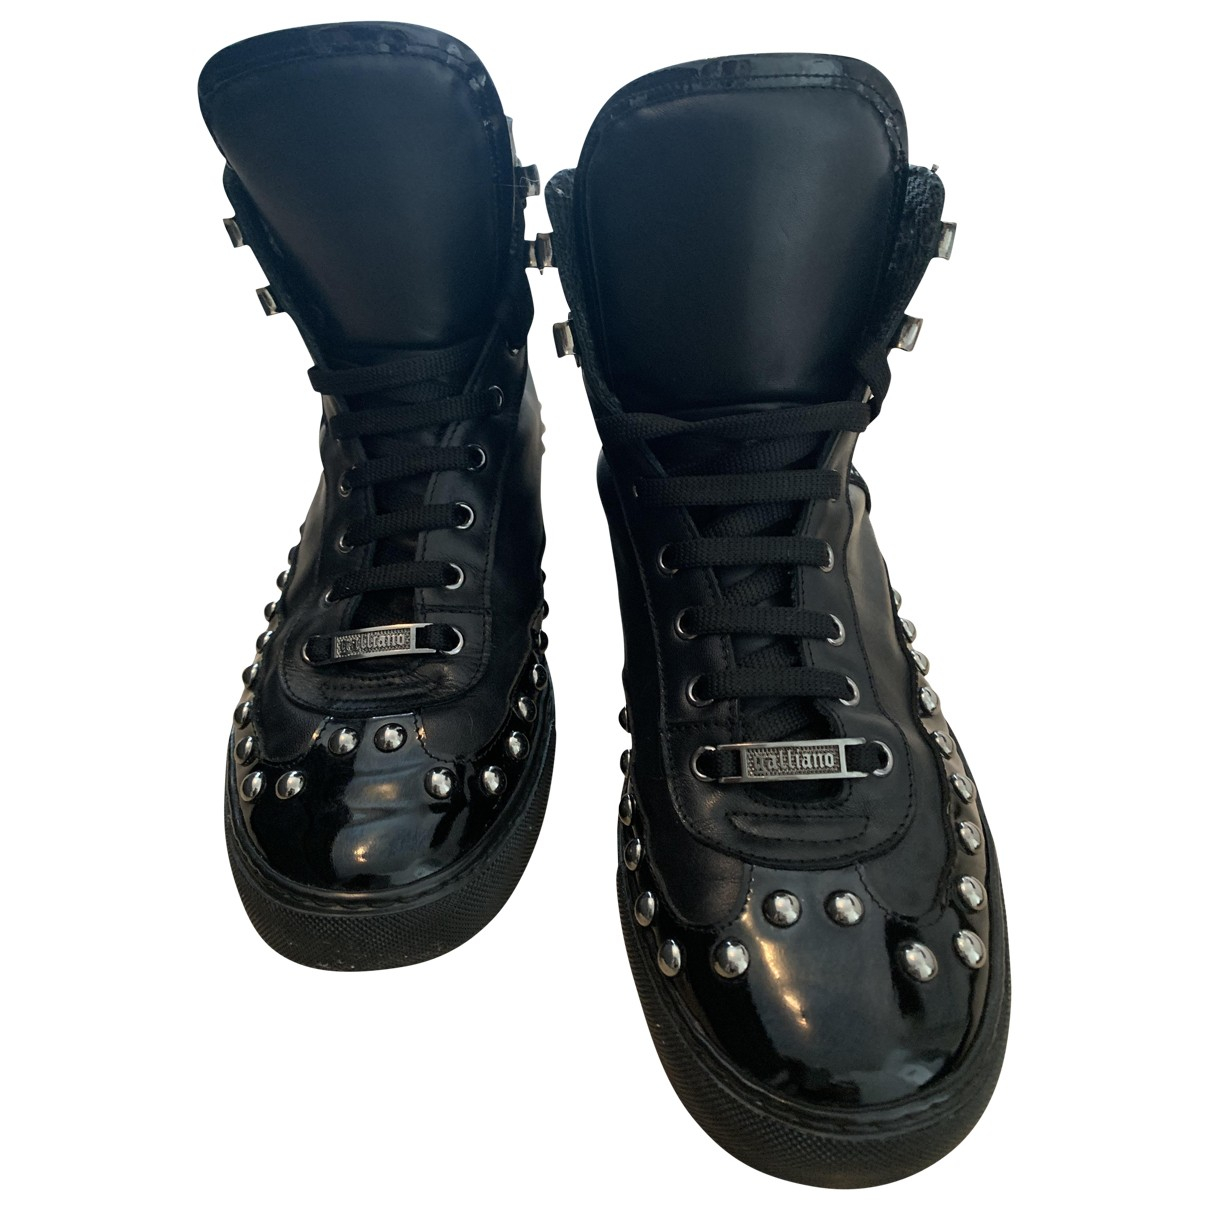 Galliano - Bottes.Boots   pour homme en cuir verni - noir